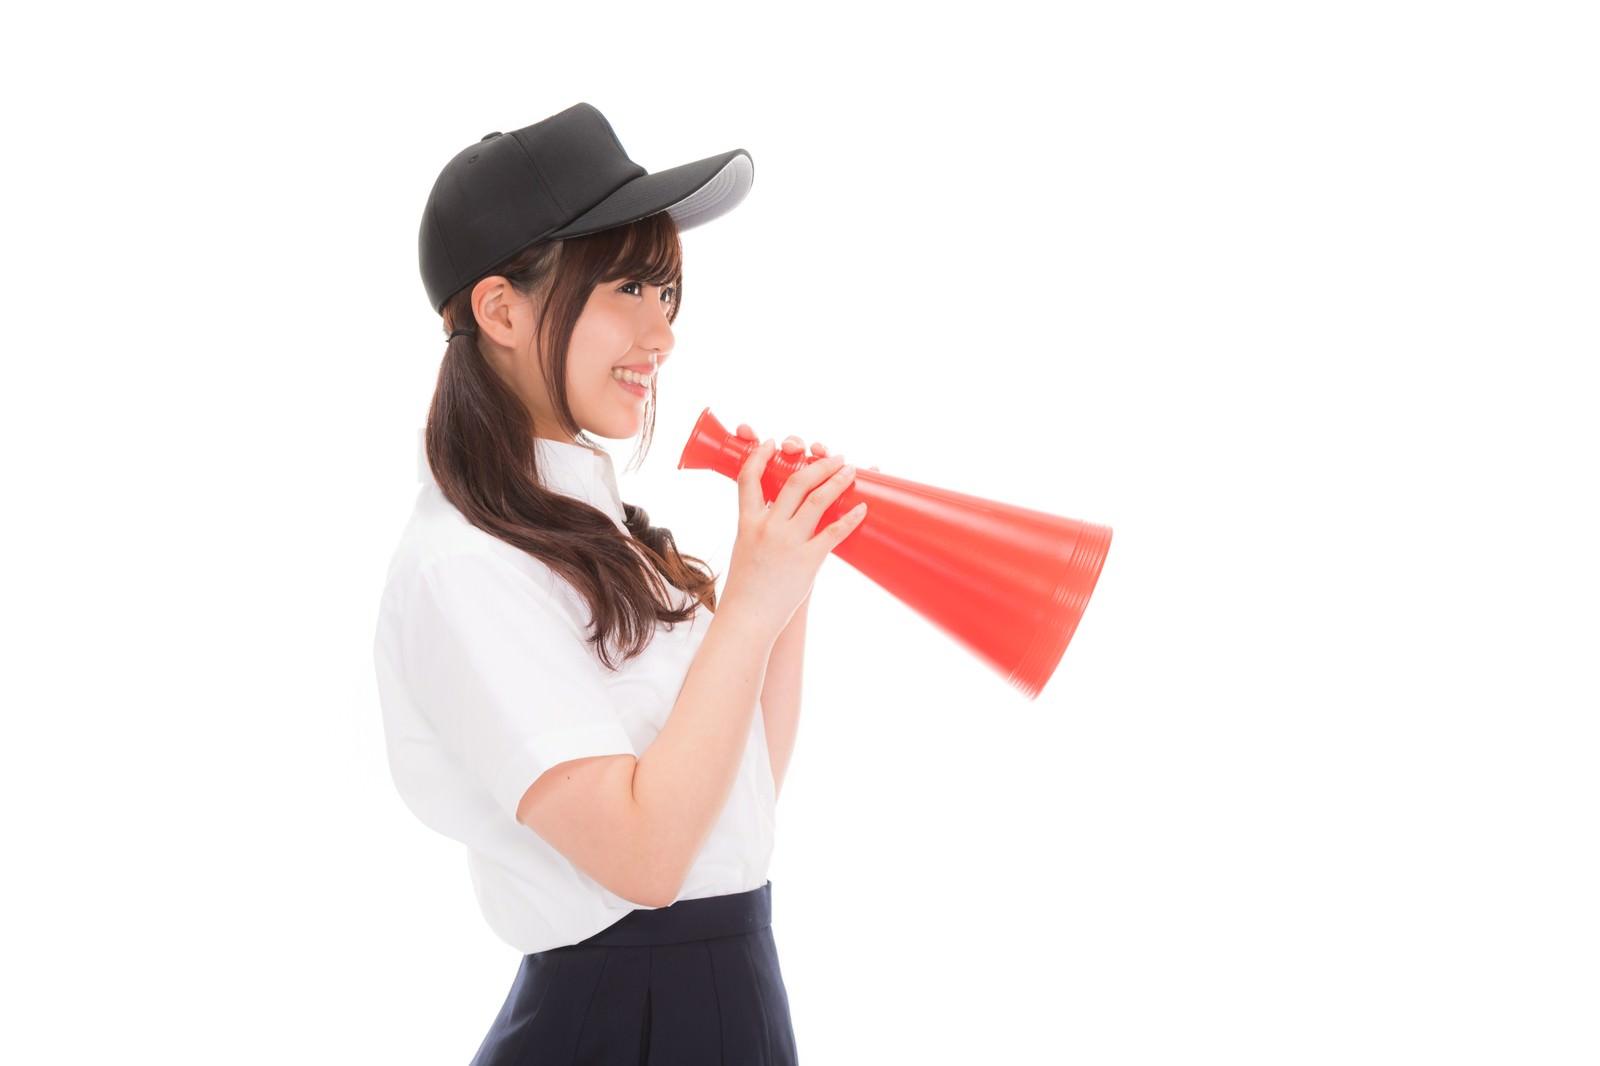 「笑みが溢れる野球部の女子マネ笑みが溢れる野球部の女子マネ」[モデル:河村友歌]のフリー写真素材を拡大